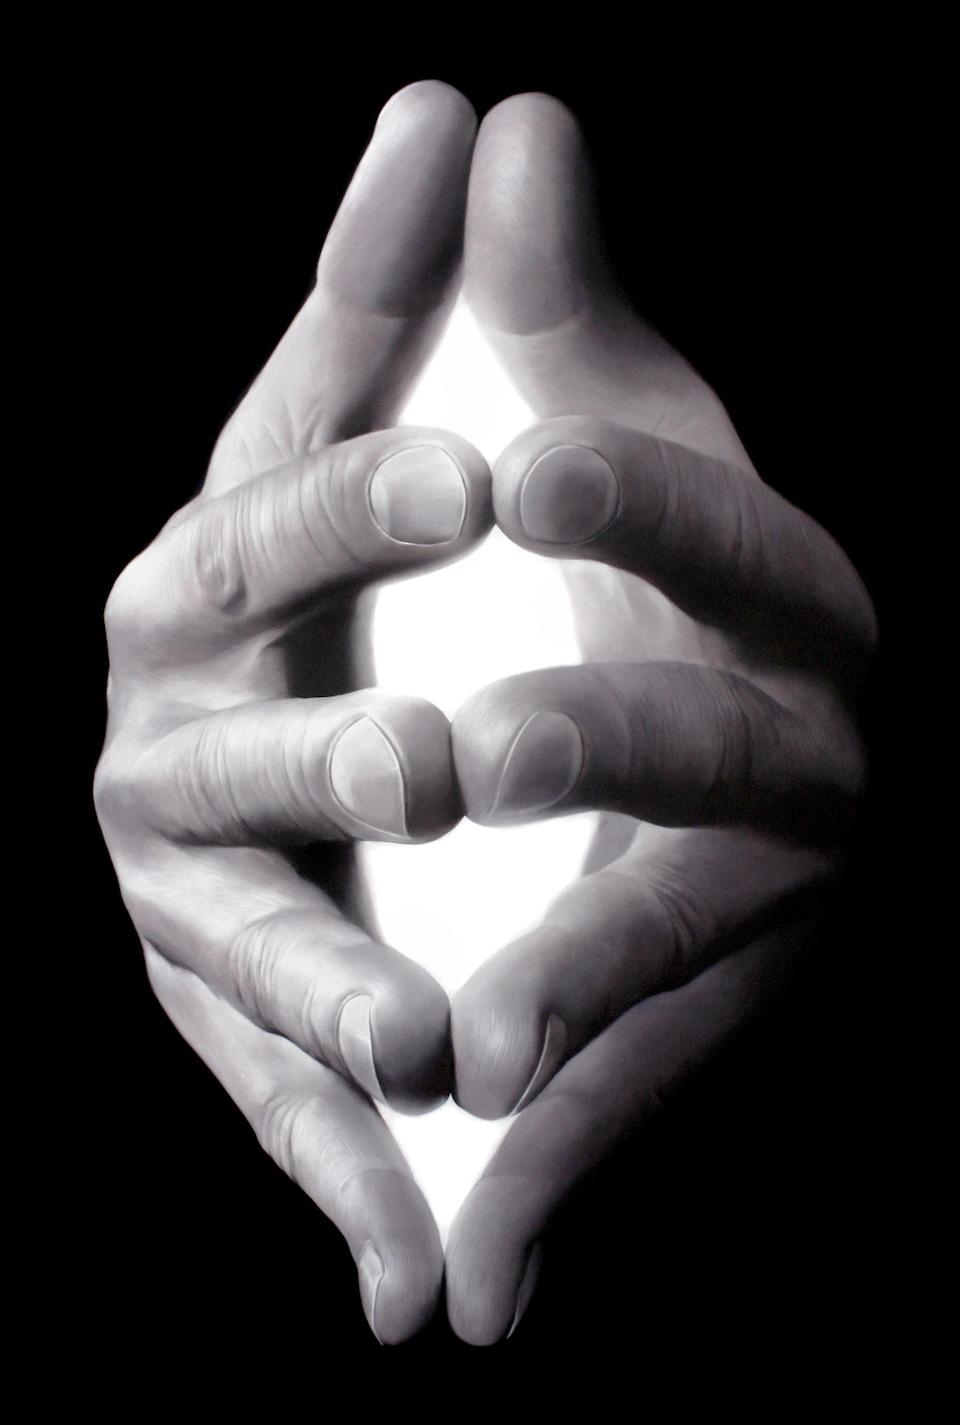 Des mains jointes en noir et blanc. La lumière semble venir de l'intérieur.